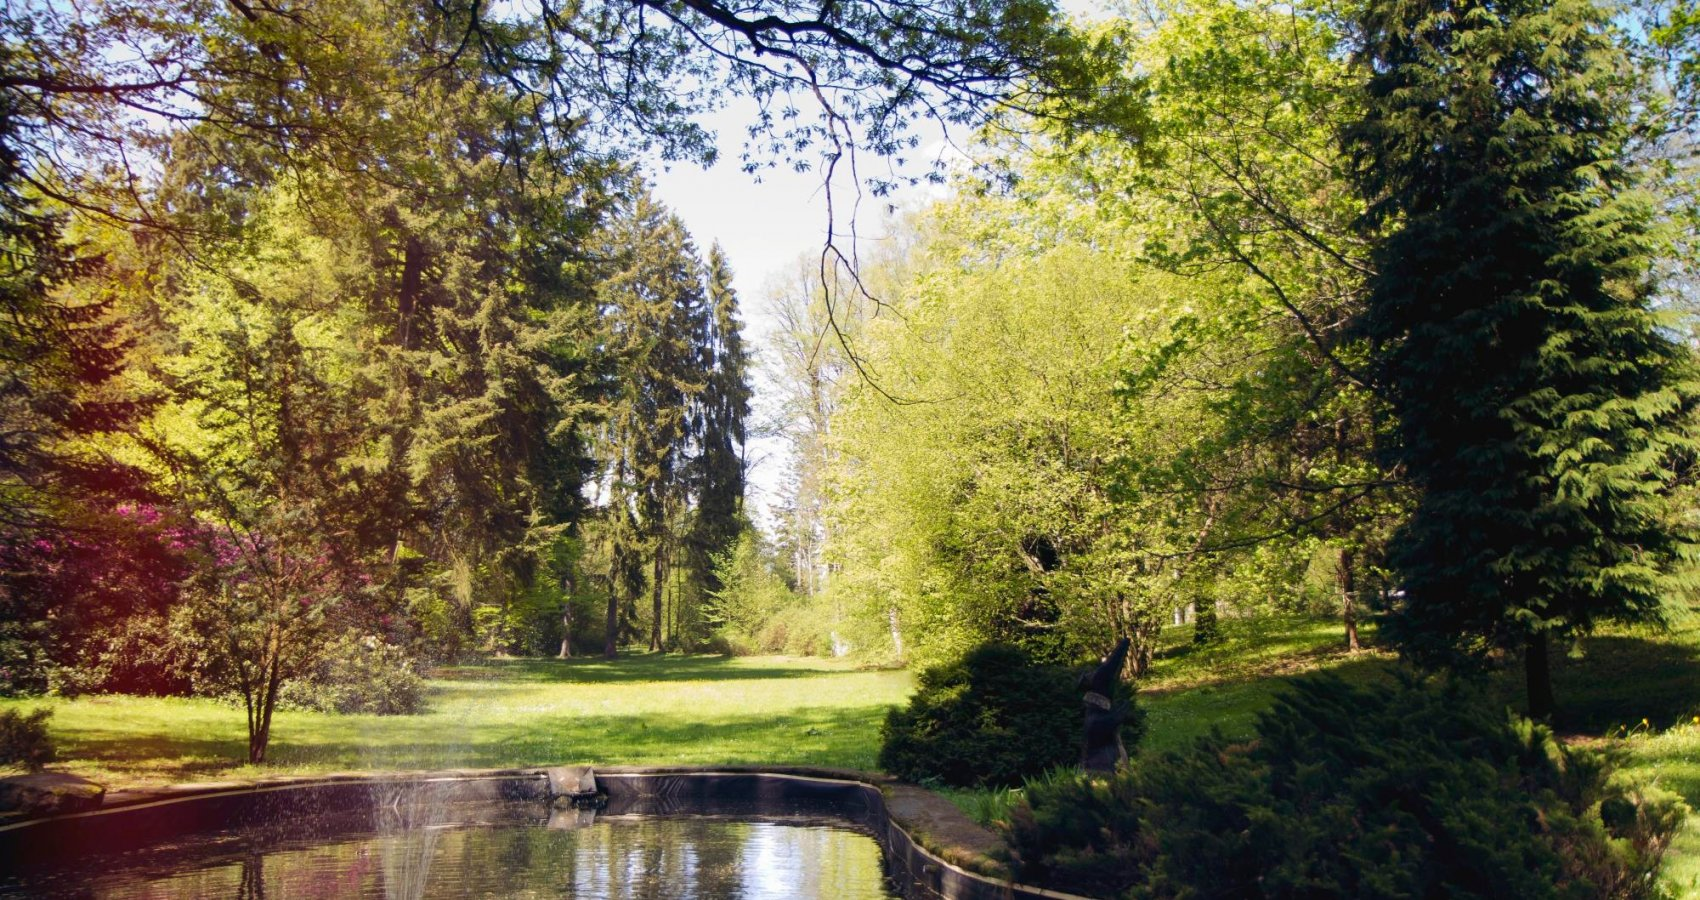 Jezírko v lázeňském parku